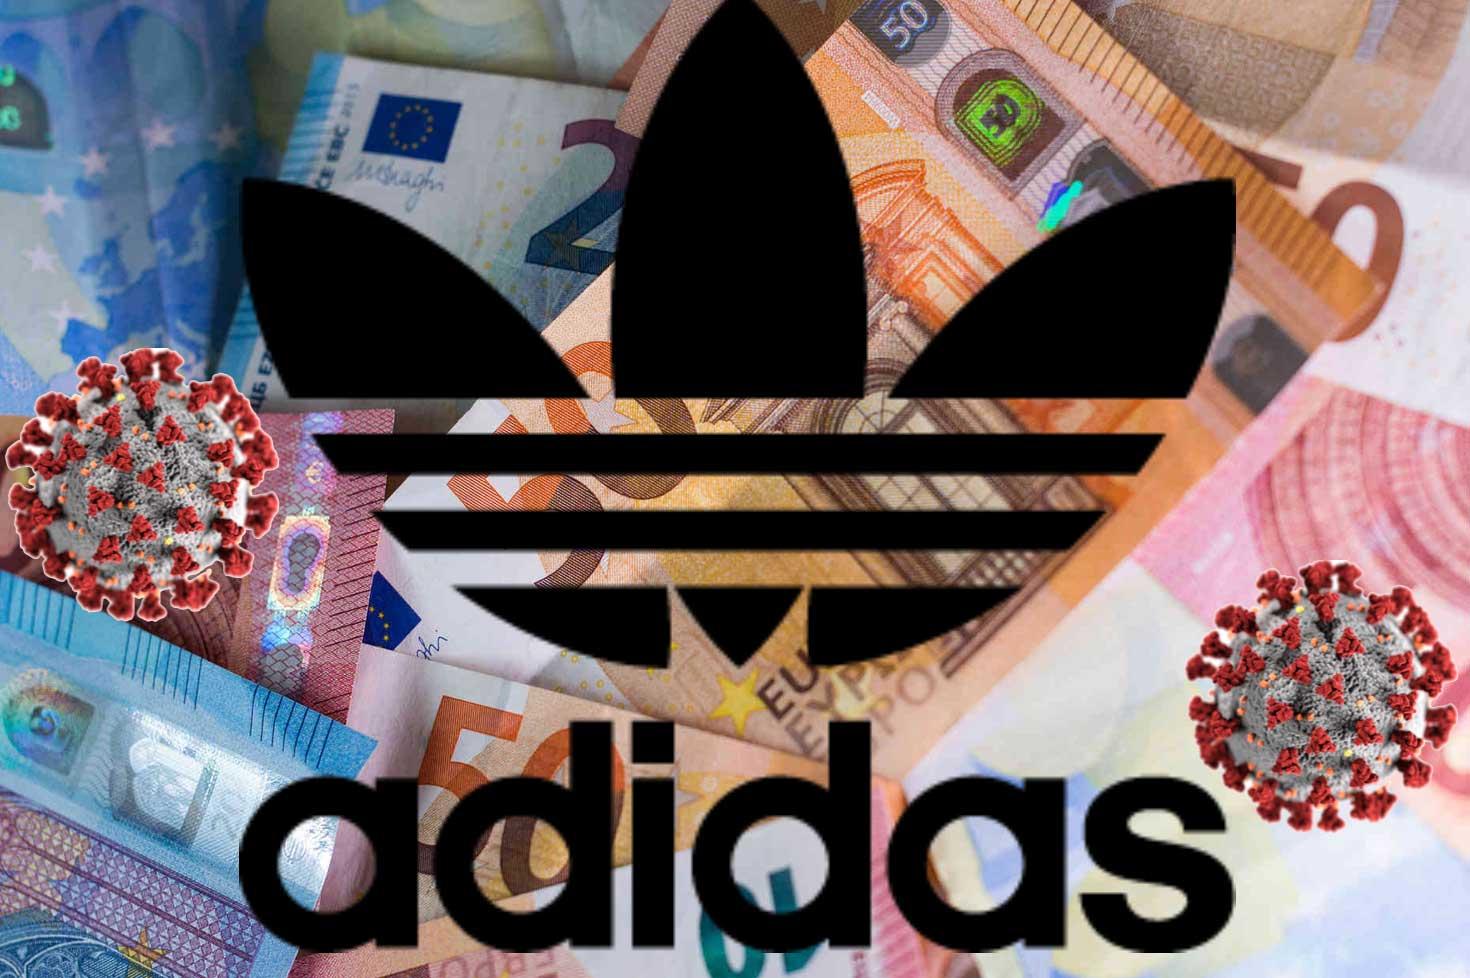 Adidas: Der schamlose Milliardenkonzern